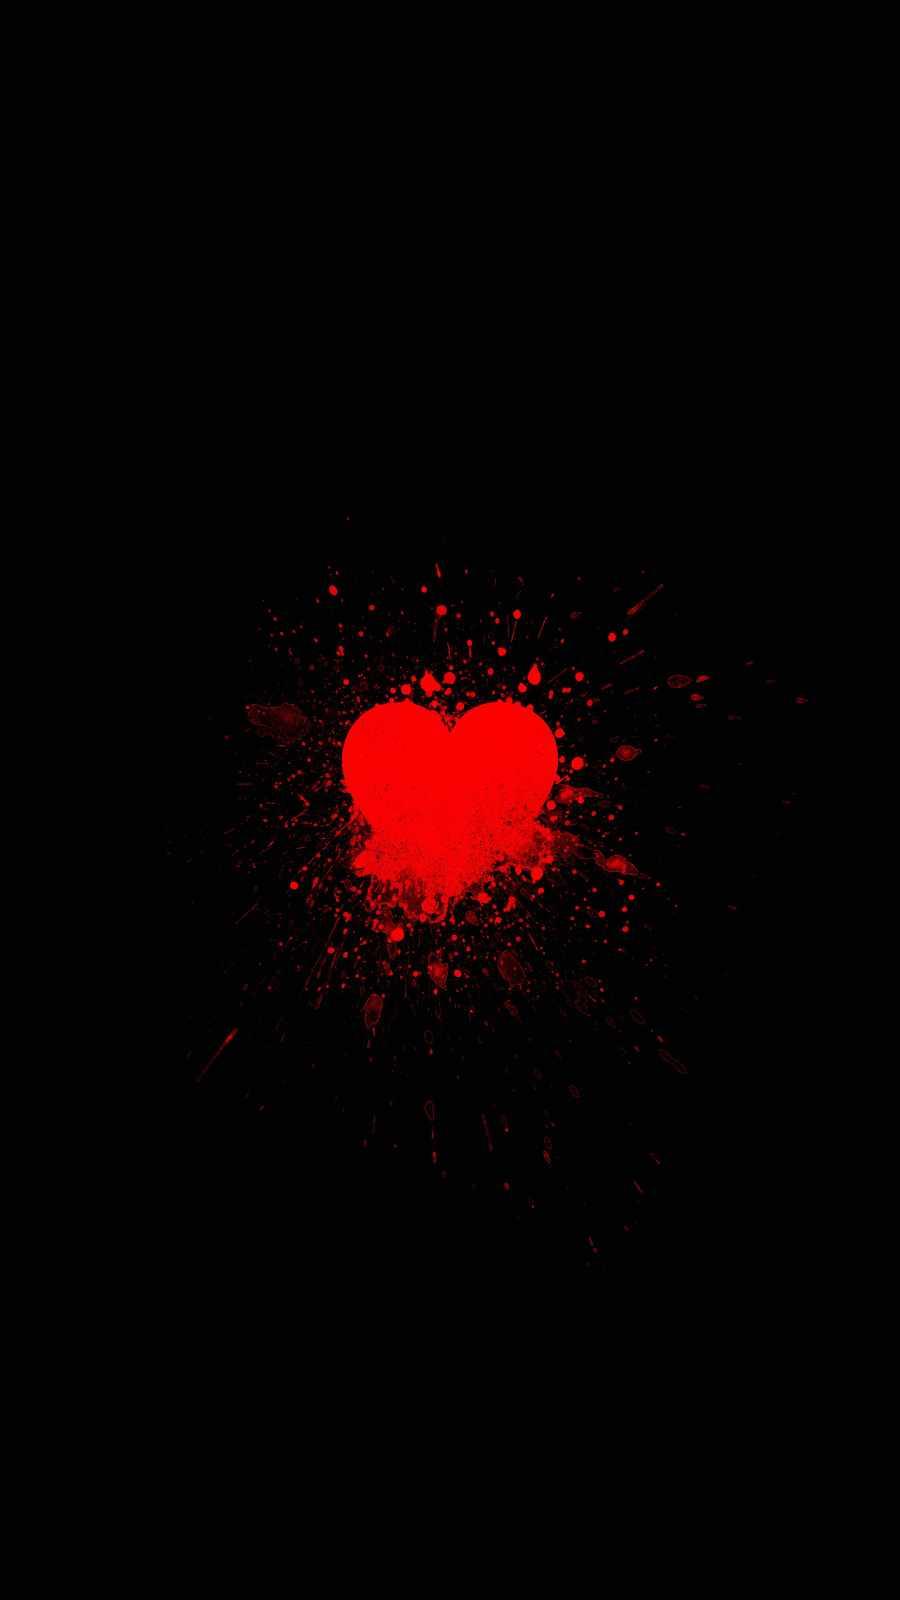 Heart Splash iPhone Wallpaper